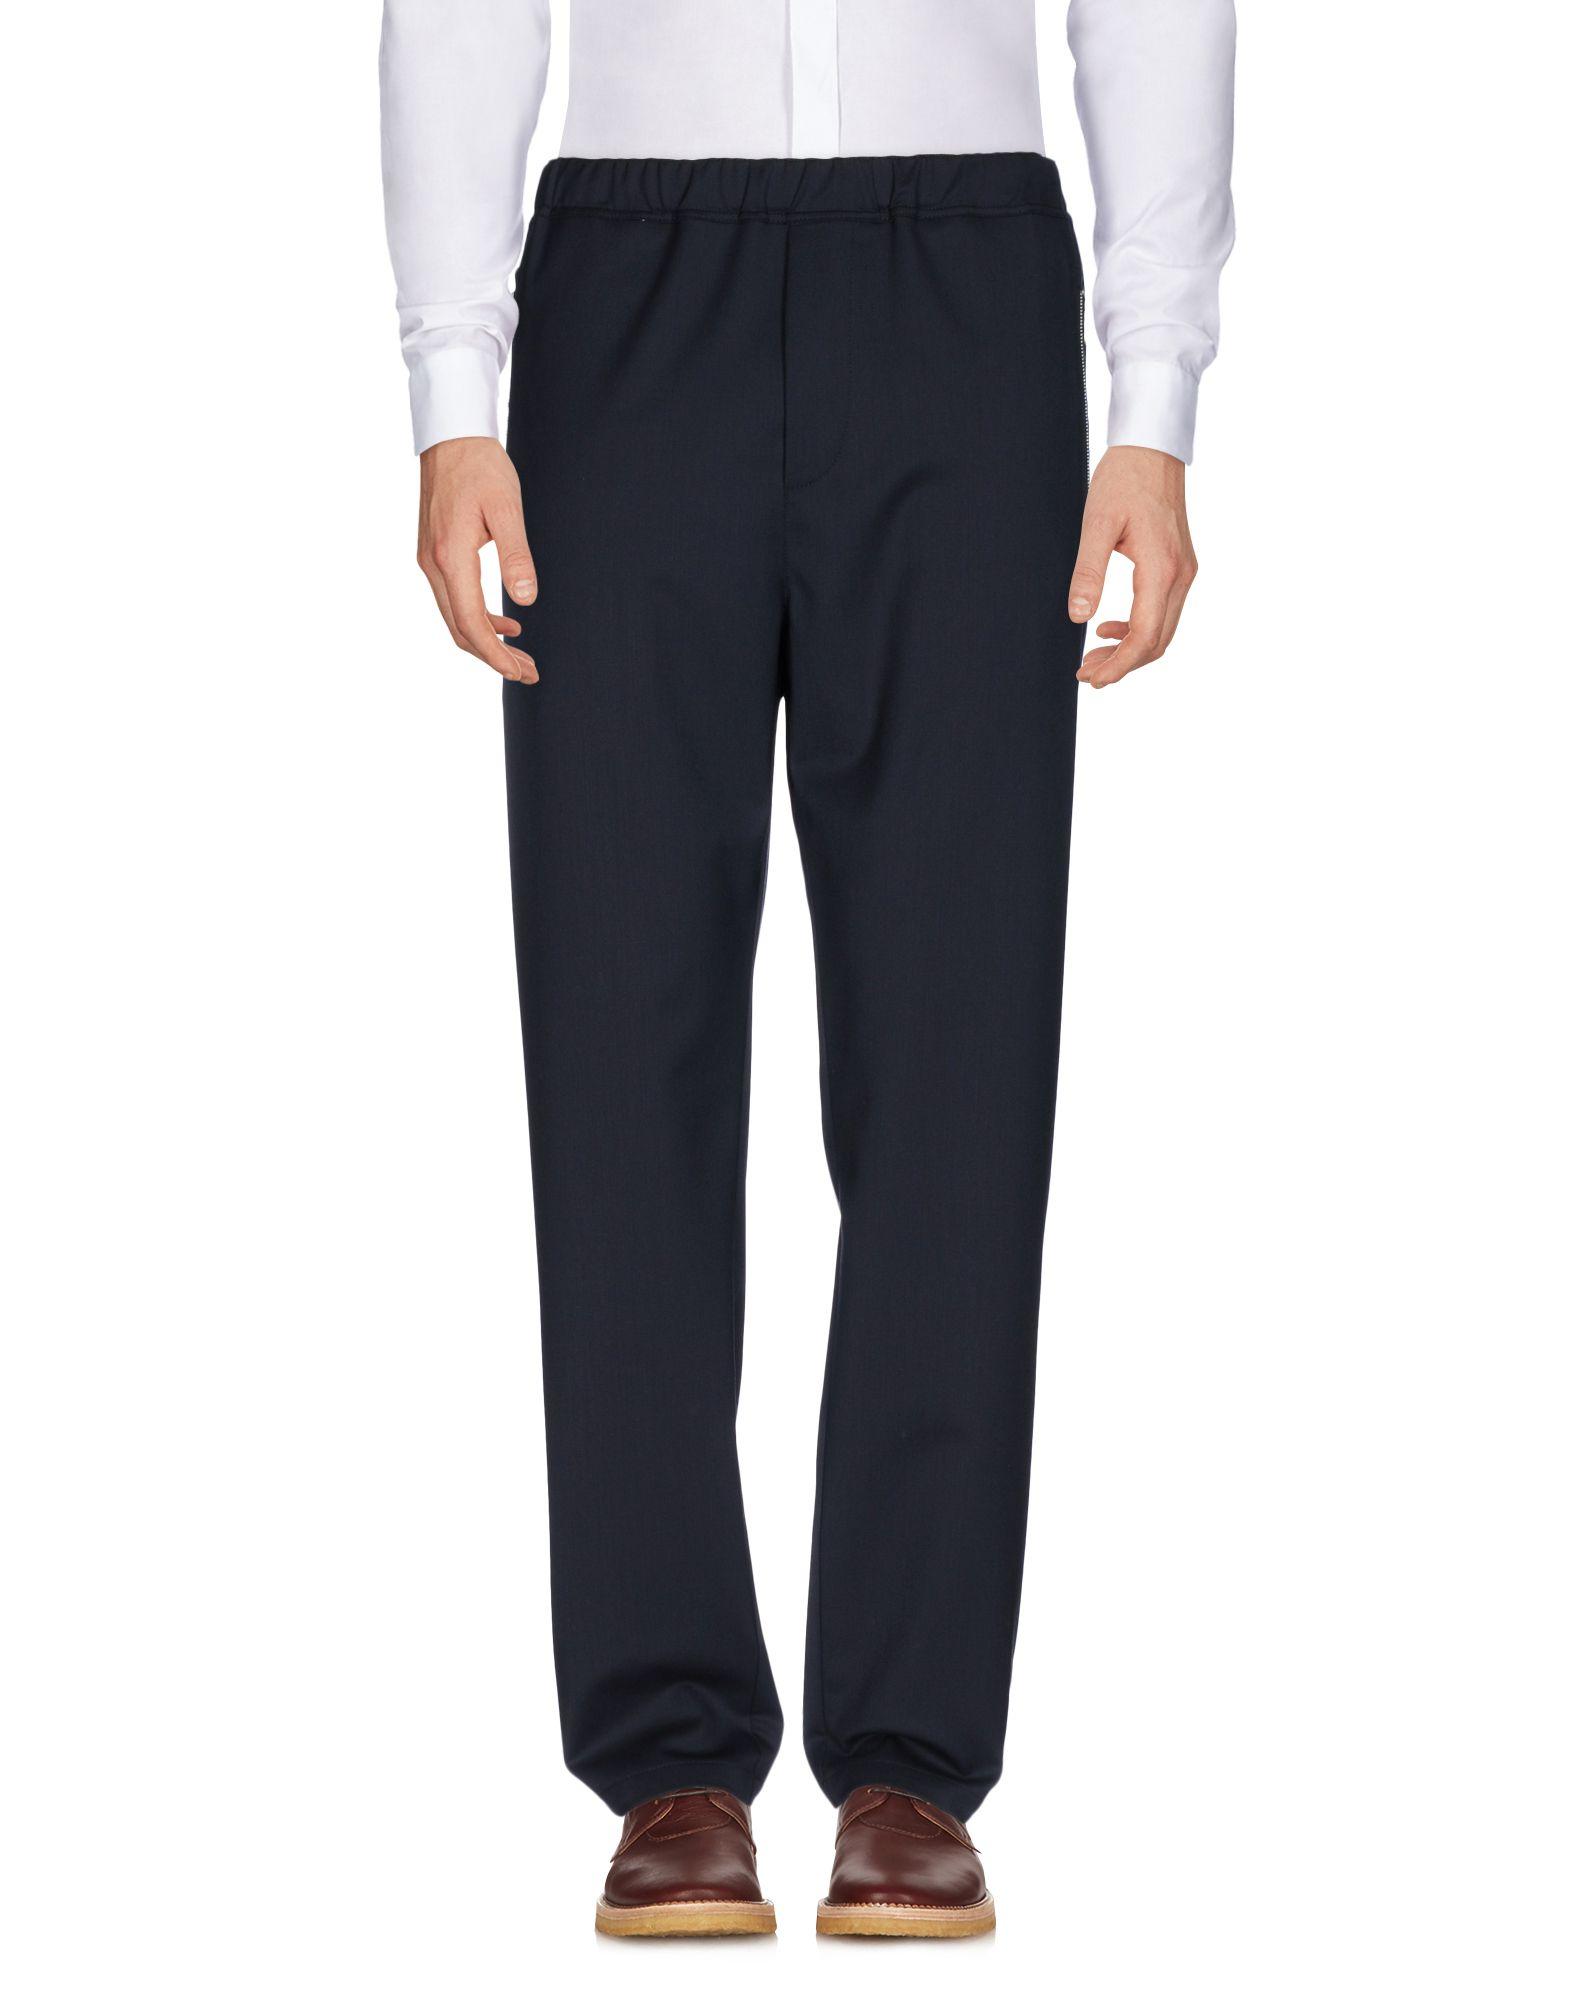 Pantalone Oamc Uomo - Acquista online su